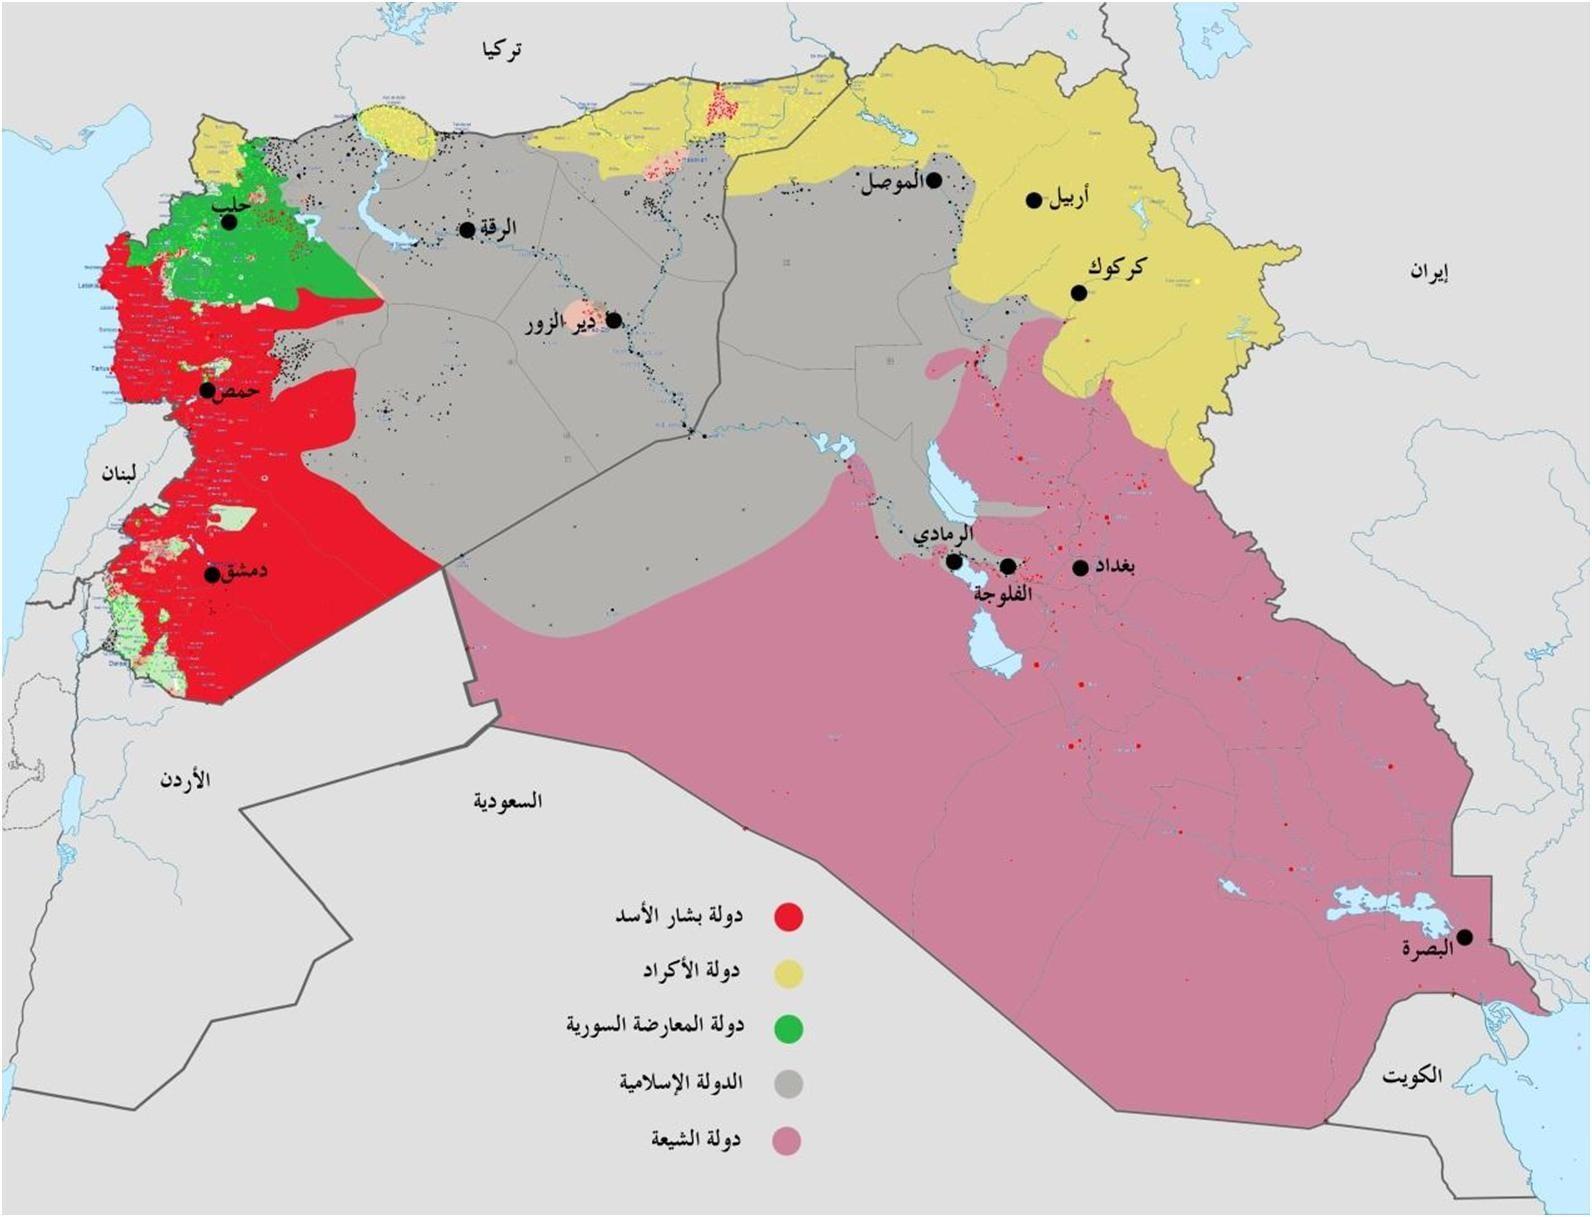 خريطة العراق وسوريا المحتملة في حالة التقسيم ساسة بوست Map World Map Diagram